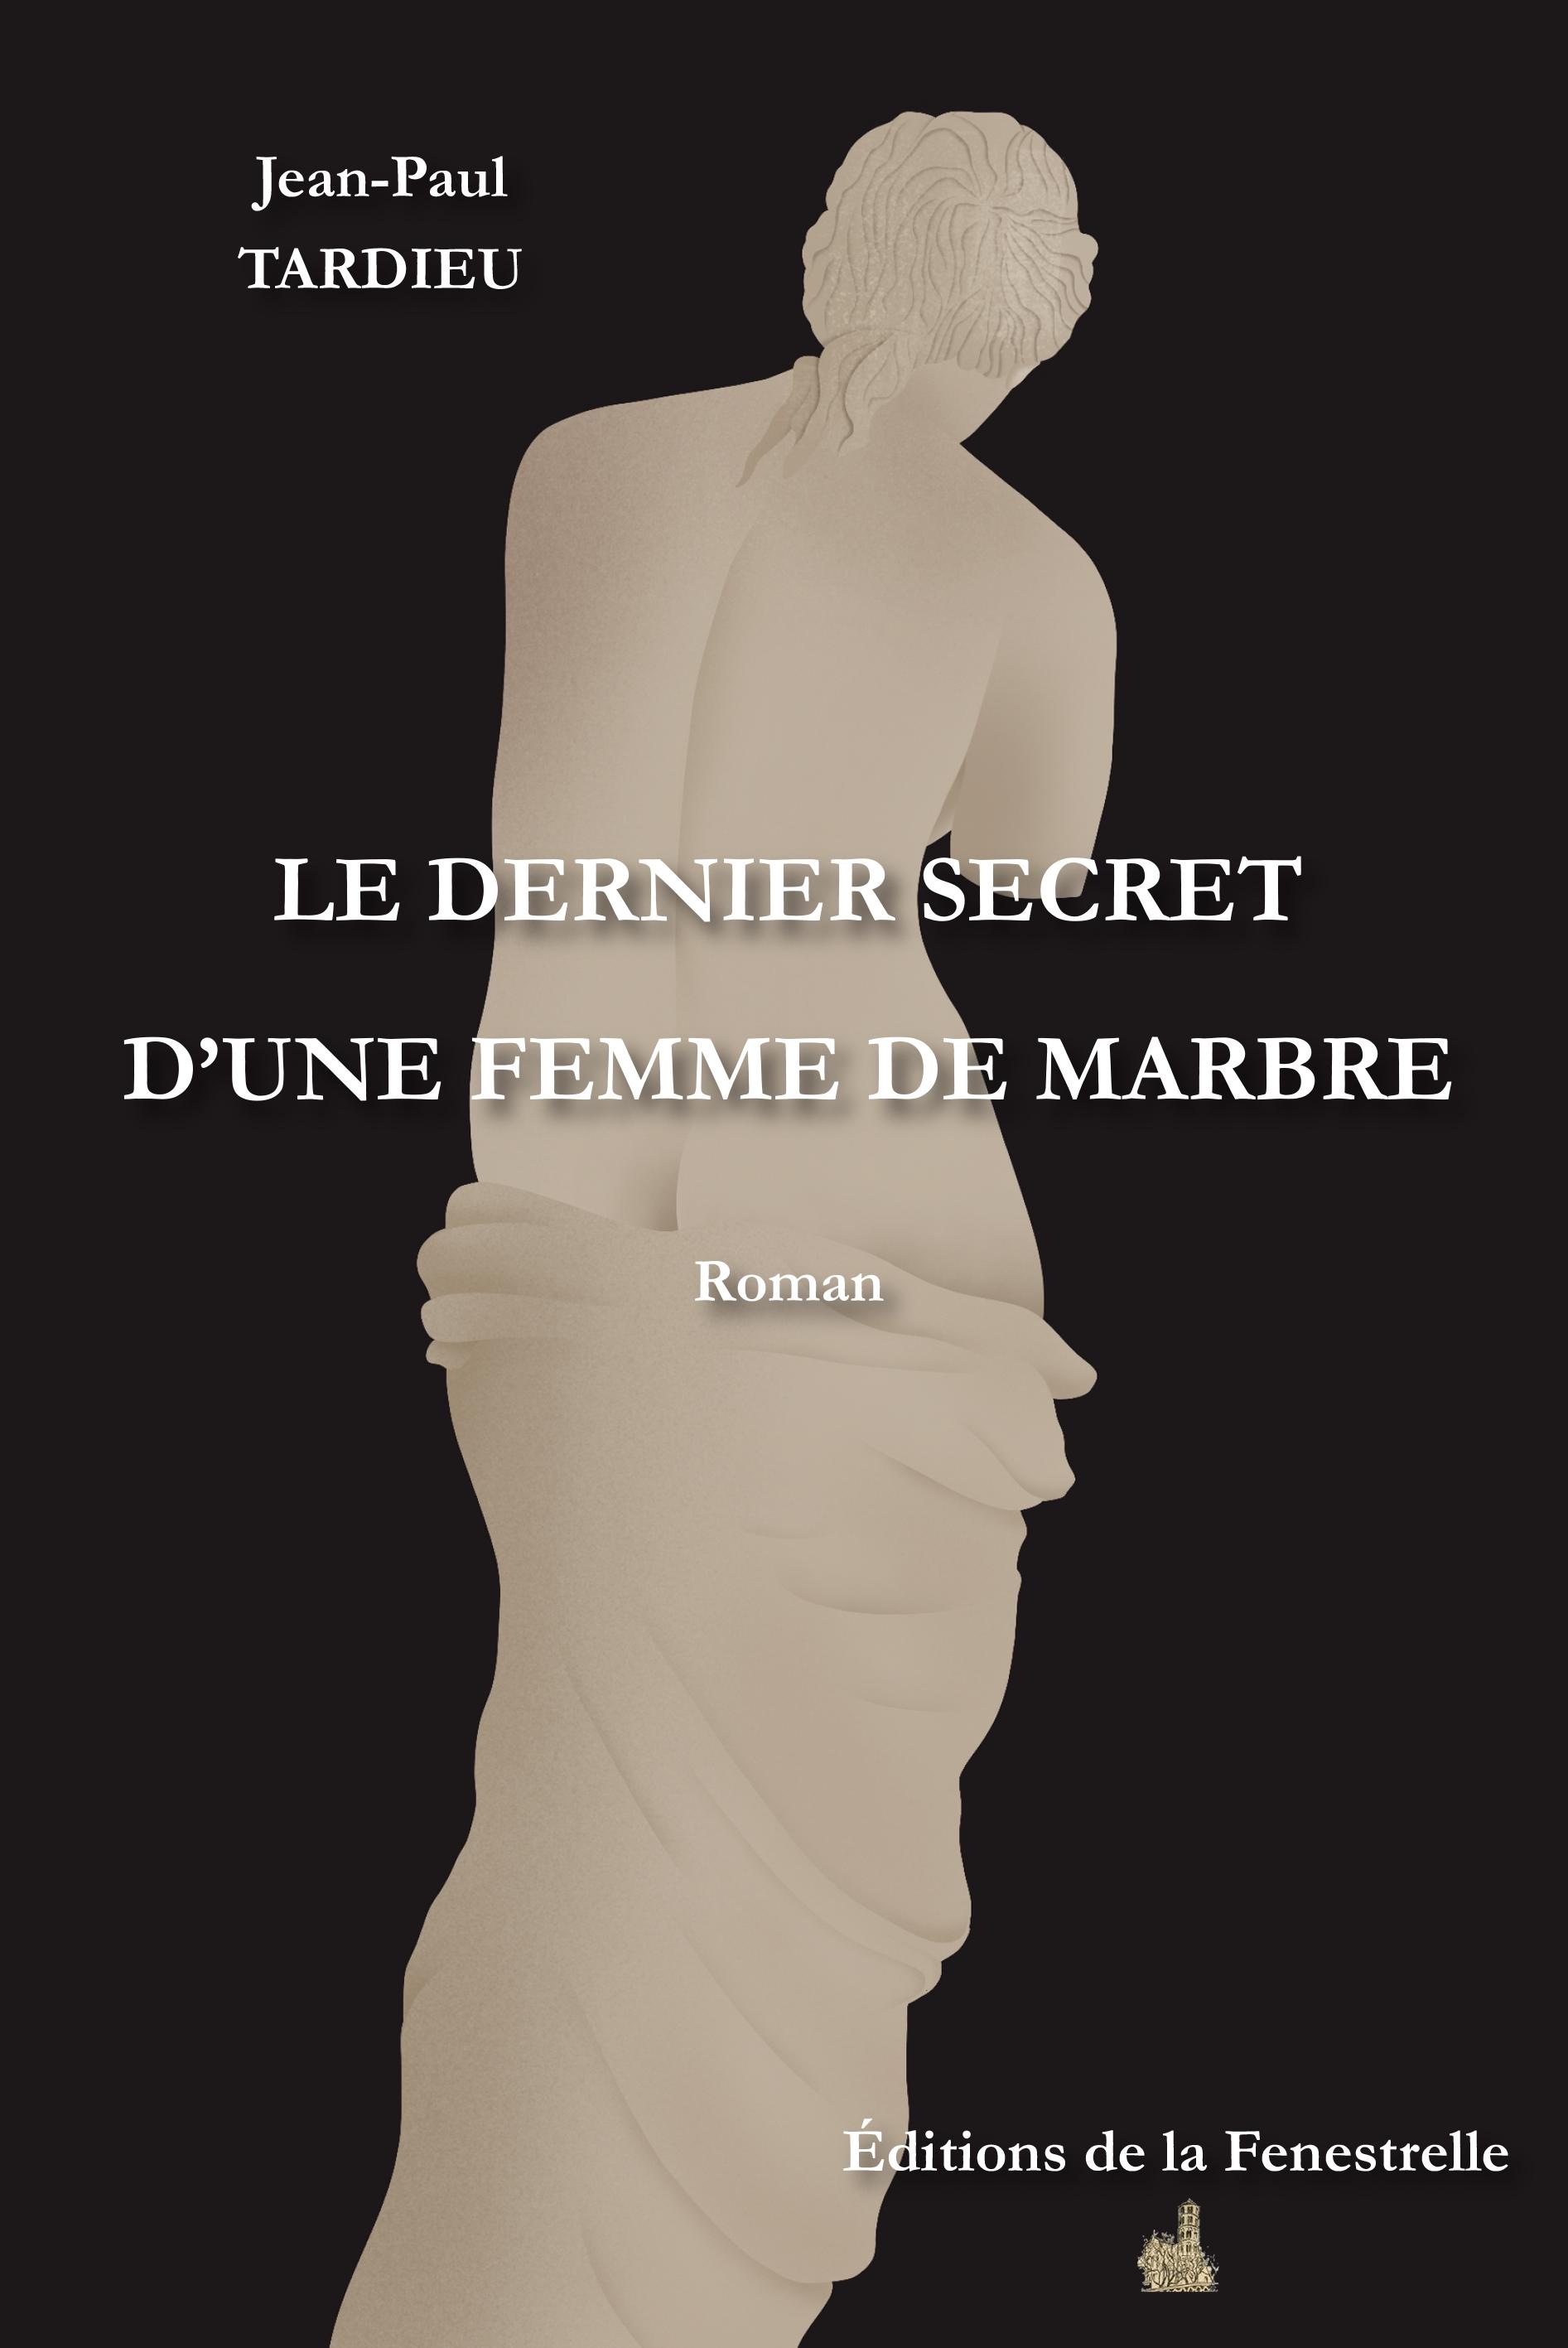 Le dernier secret d'une femme de marbre